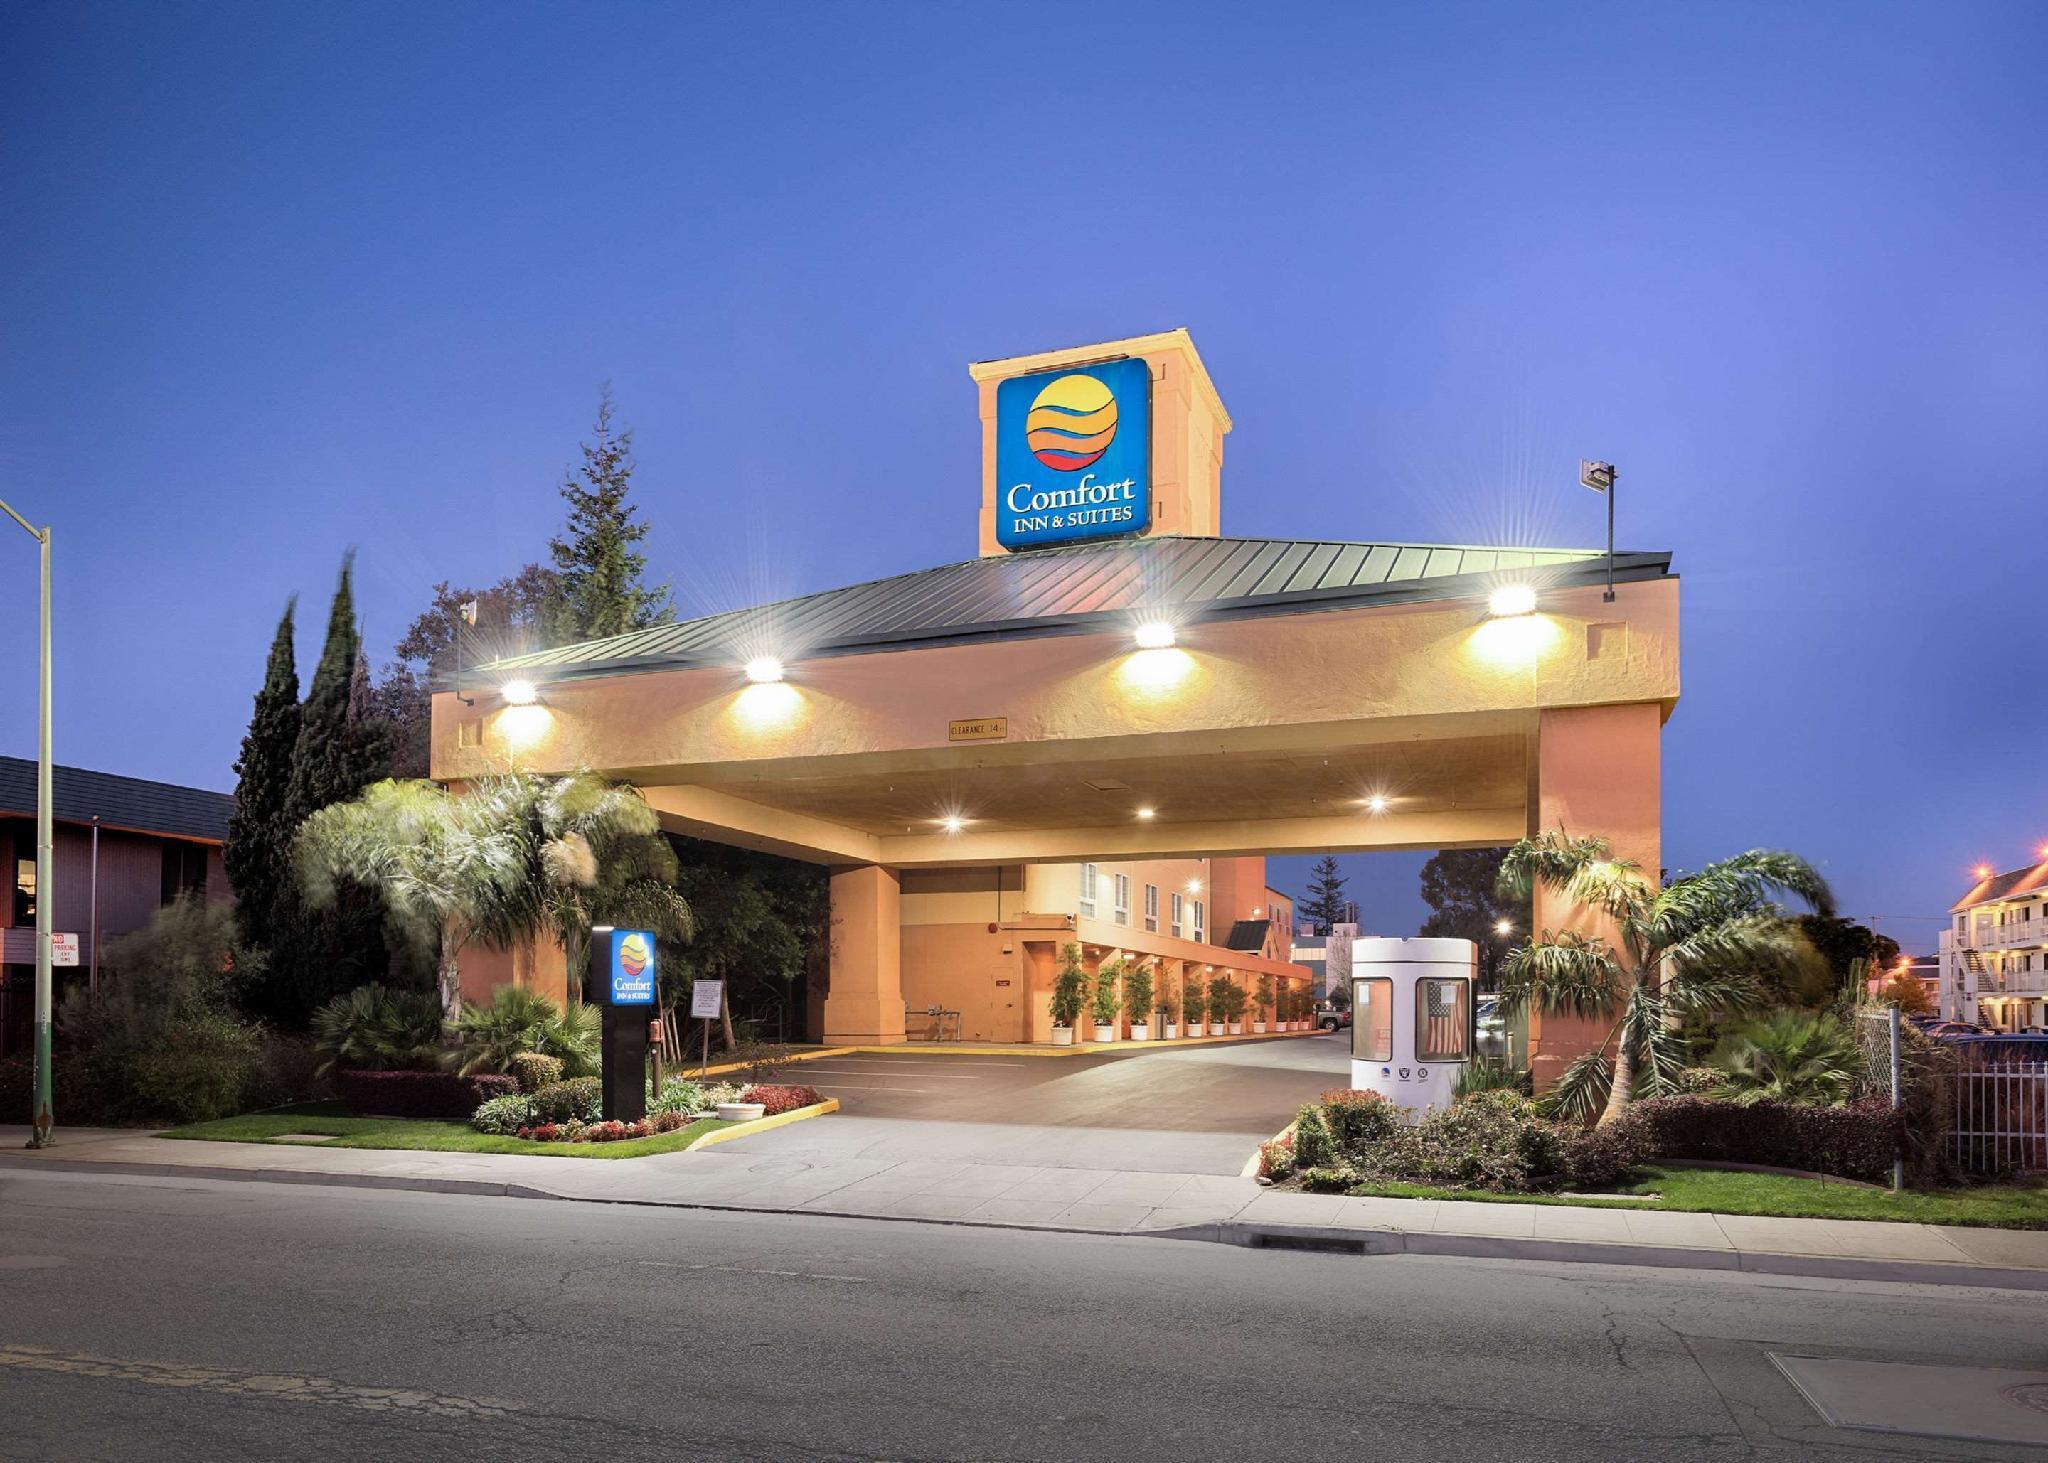 Comfort Inn Suites Oakland San Francisco Ca Mulai Dari